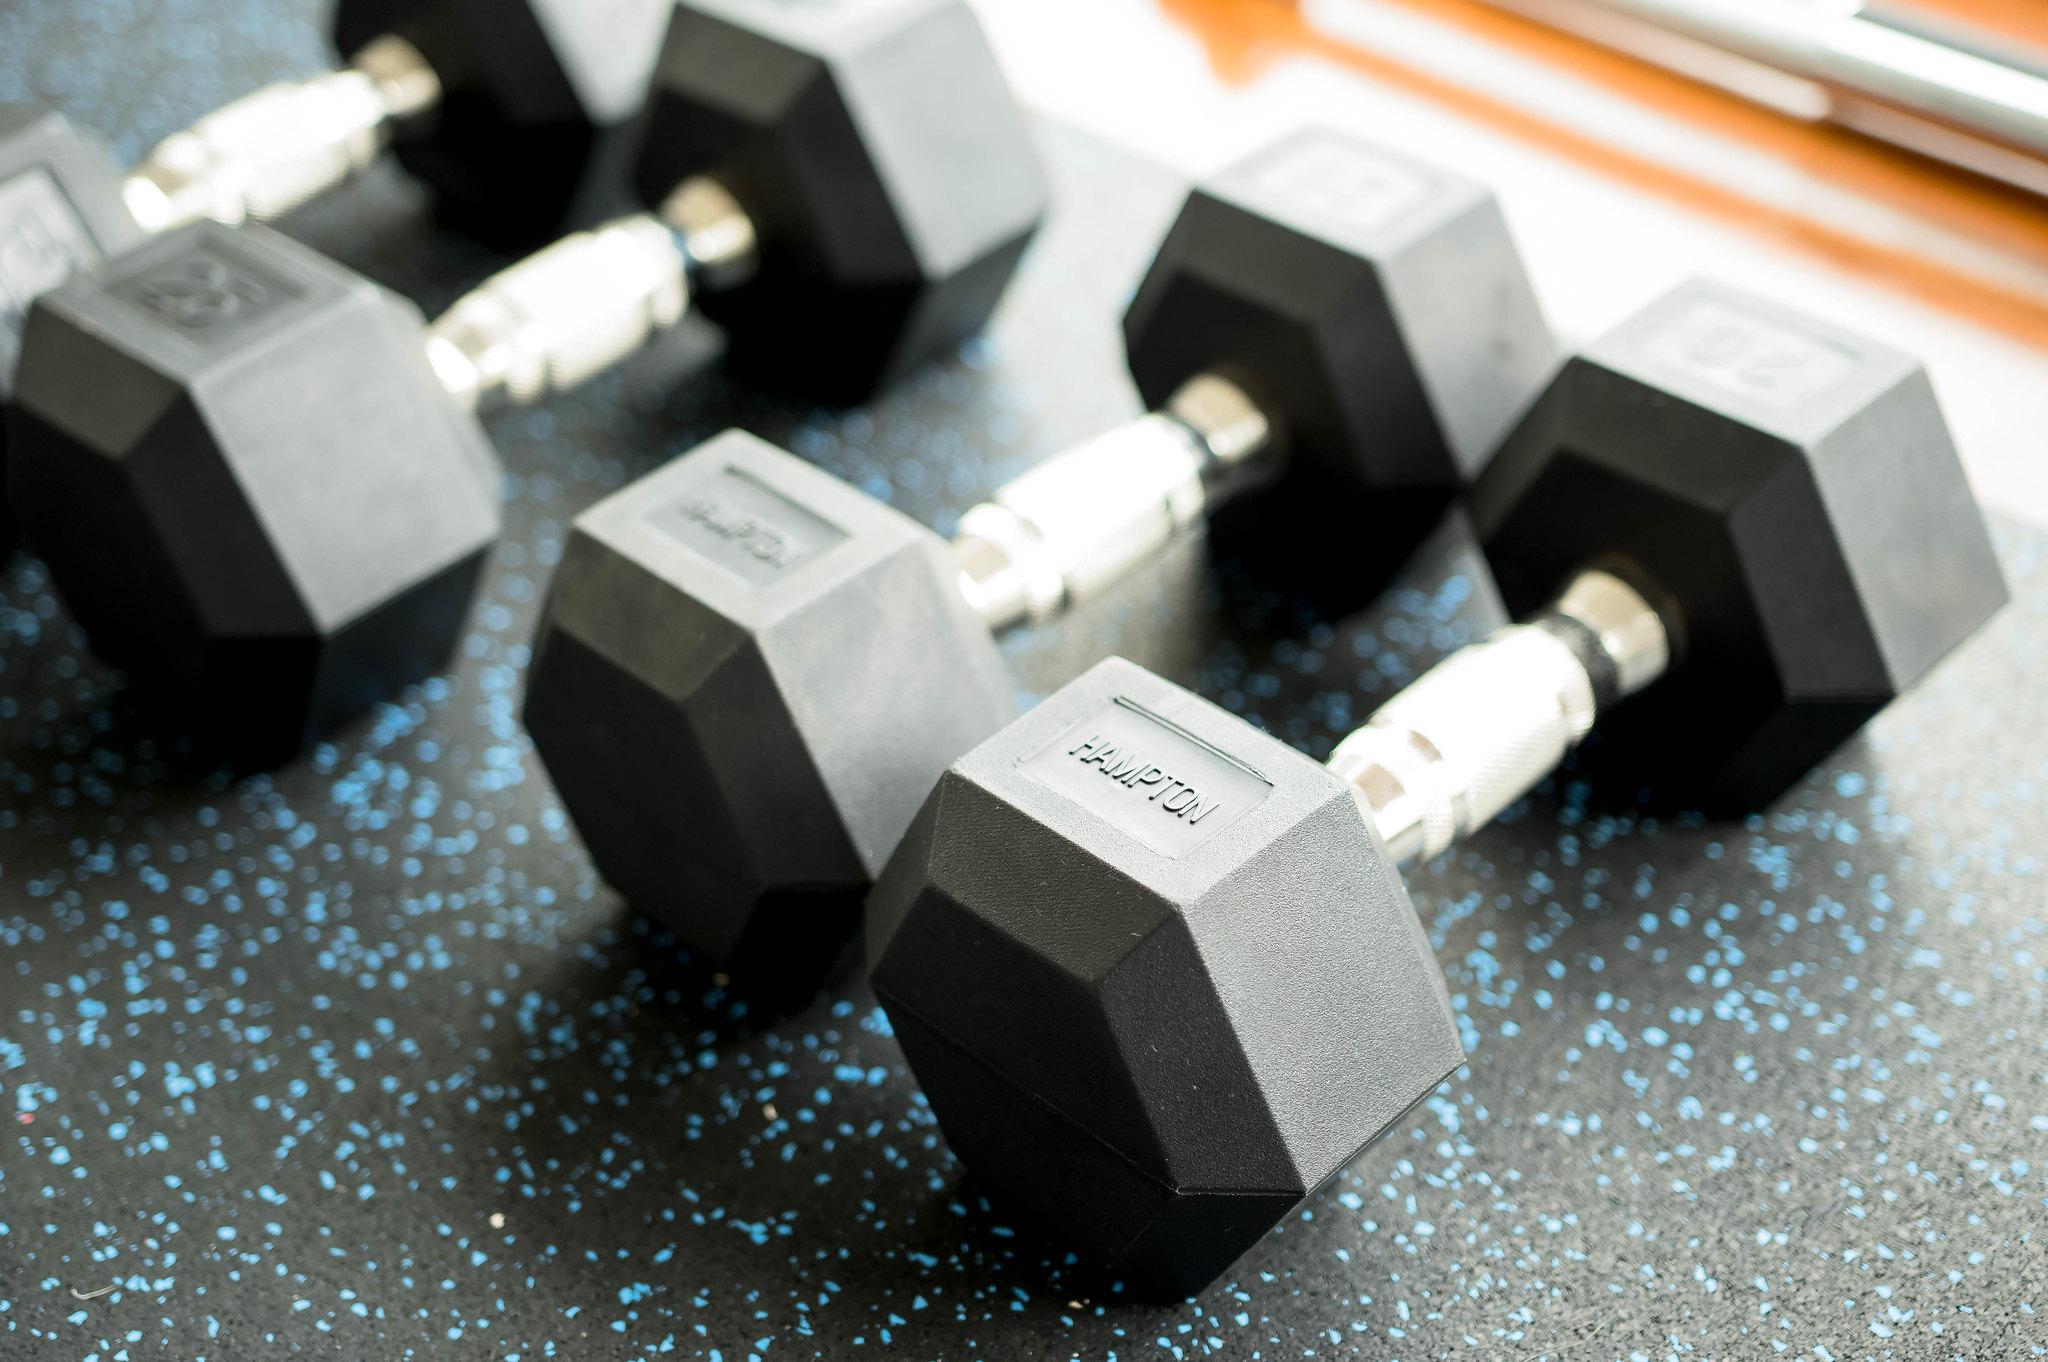 Сочетание силовых иаэробных упражнений устрадающих ожирением пожилых людей привело кнаилучшим для здоровья результатам.